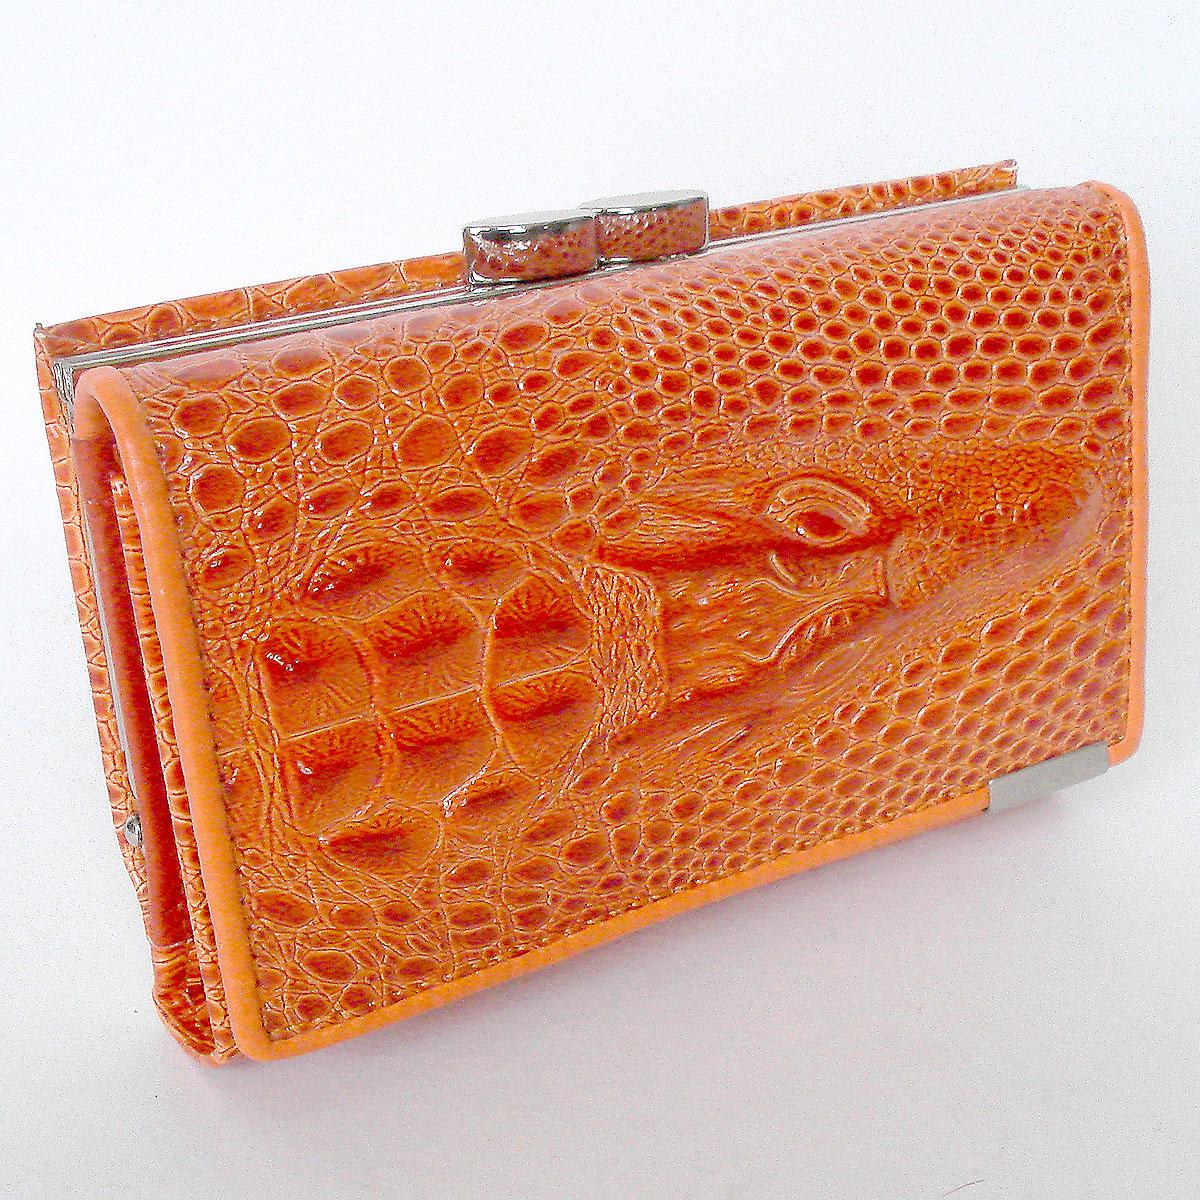 กระเป๋าสตางค์อัดลายหัวจรเข้ รูปทรงยาว เป็นแบบ Mini Clutch Wallet